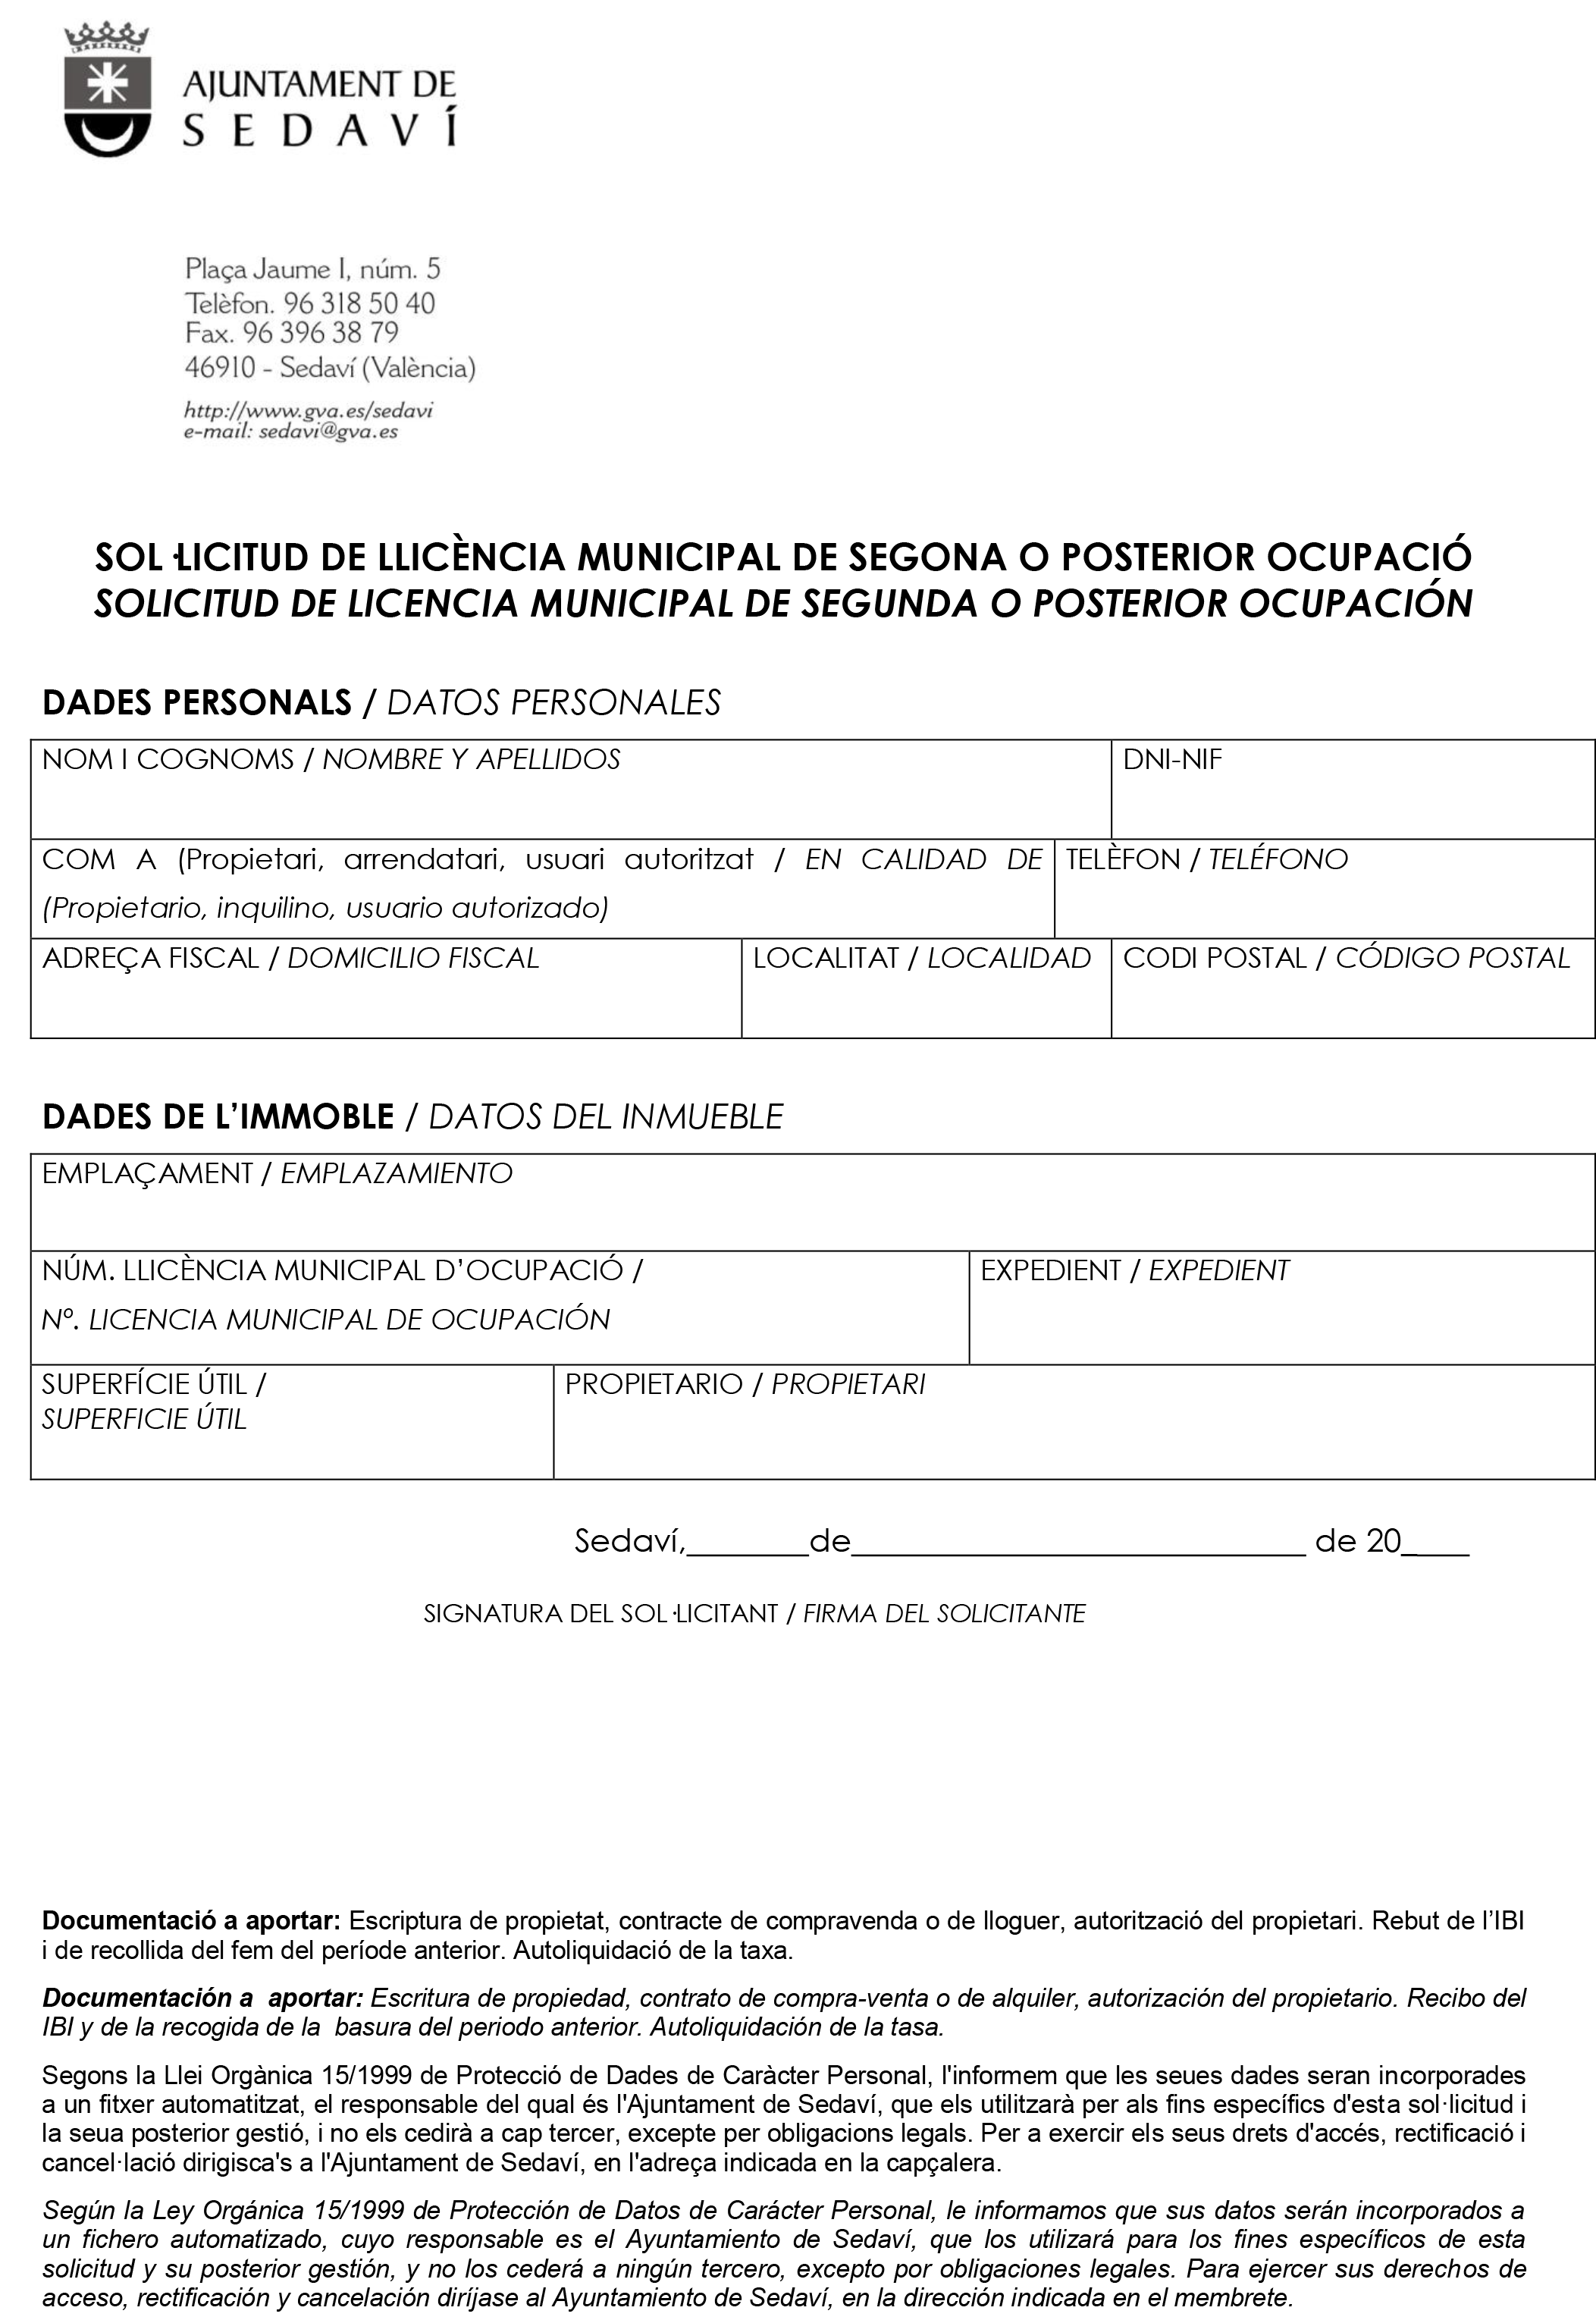 Impreso Declaración Responsable Segunda Ocupación - Sedaví